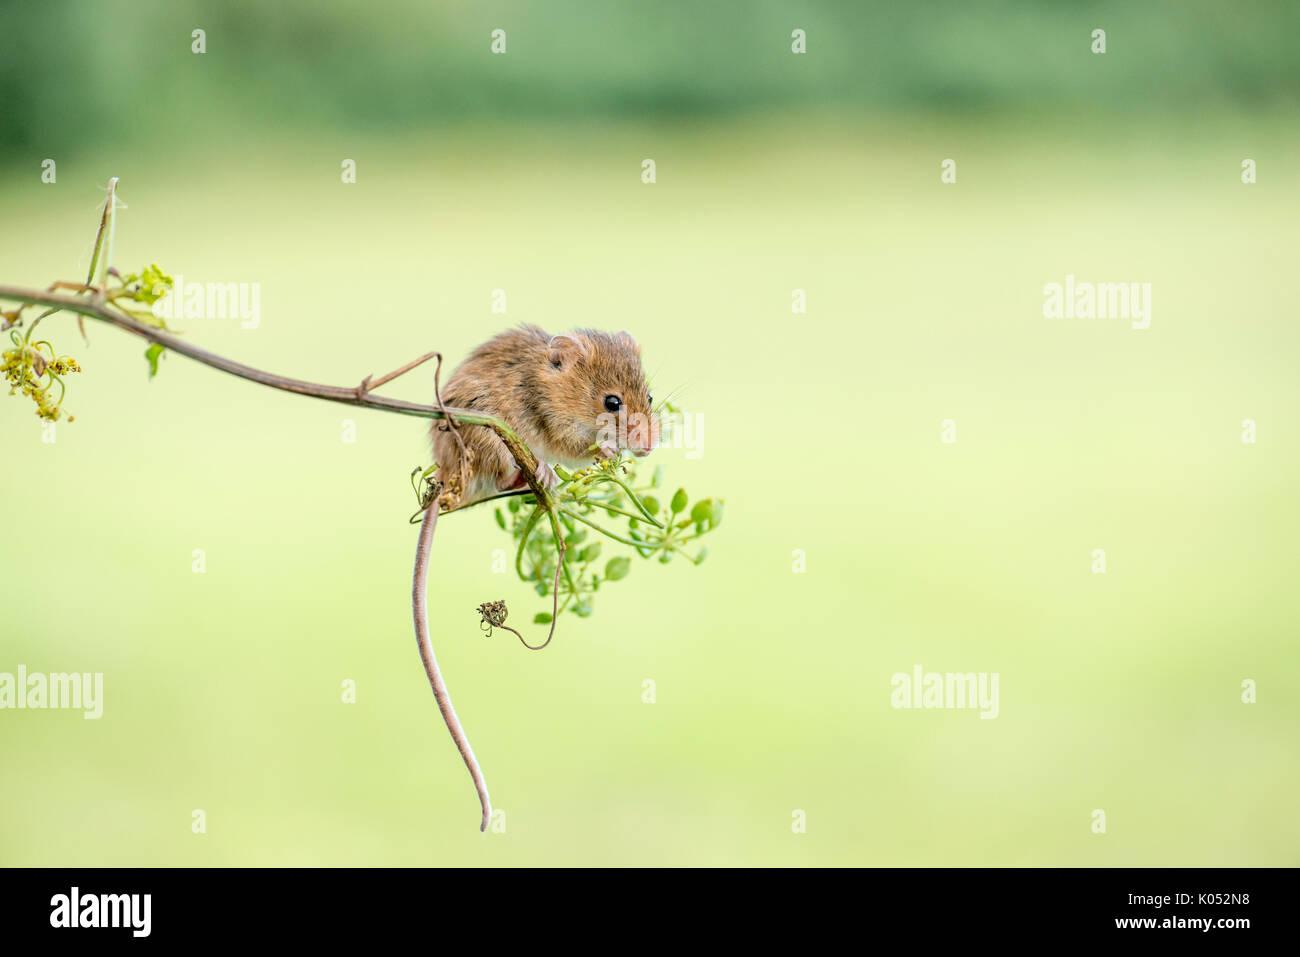 Micromys minutus (souris) la consommation de graines et de fleurs de panais sauvage (Pastinaca sativa) Photo Stock